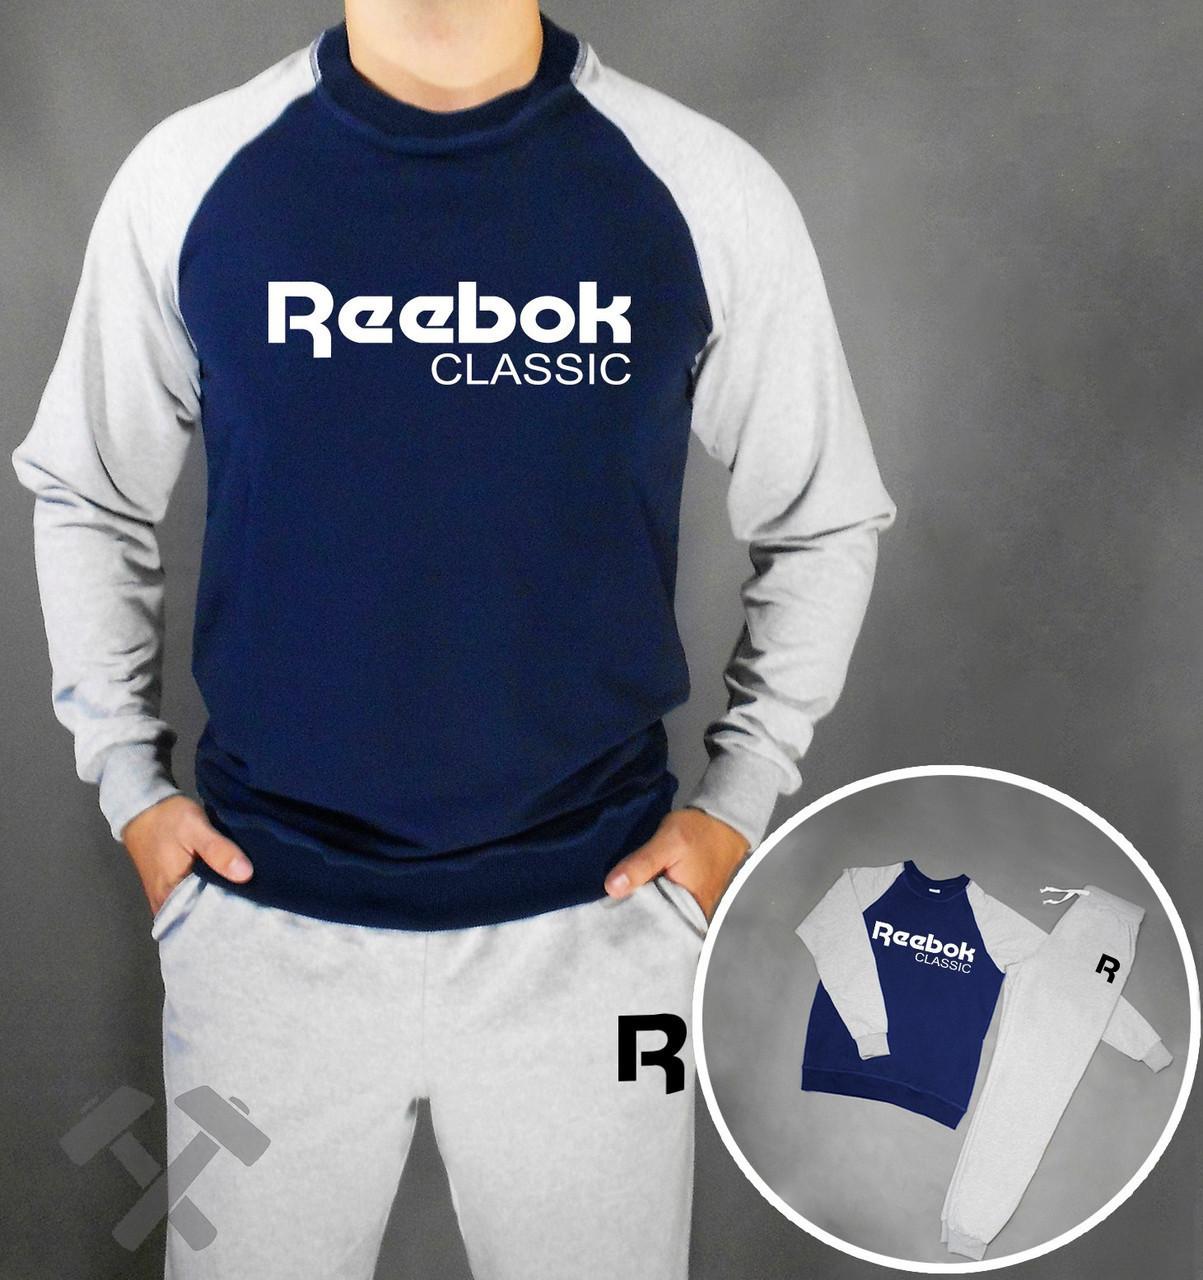 Спортивний костюм Рібок, чоловічий костюм Reebok Classic сірий, трикотажний